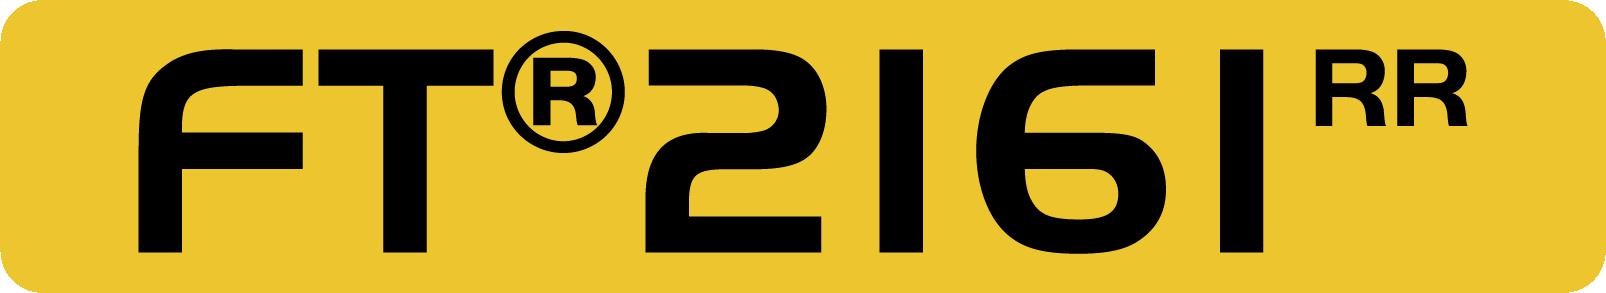 FTR 2161 RR